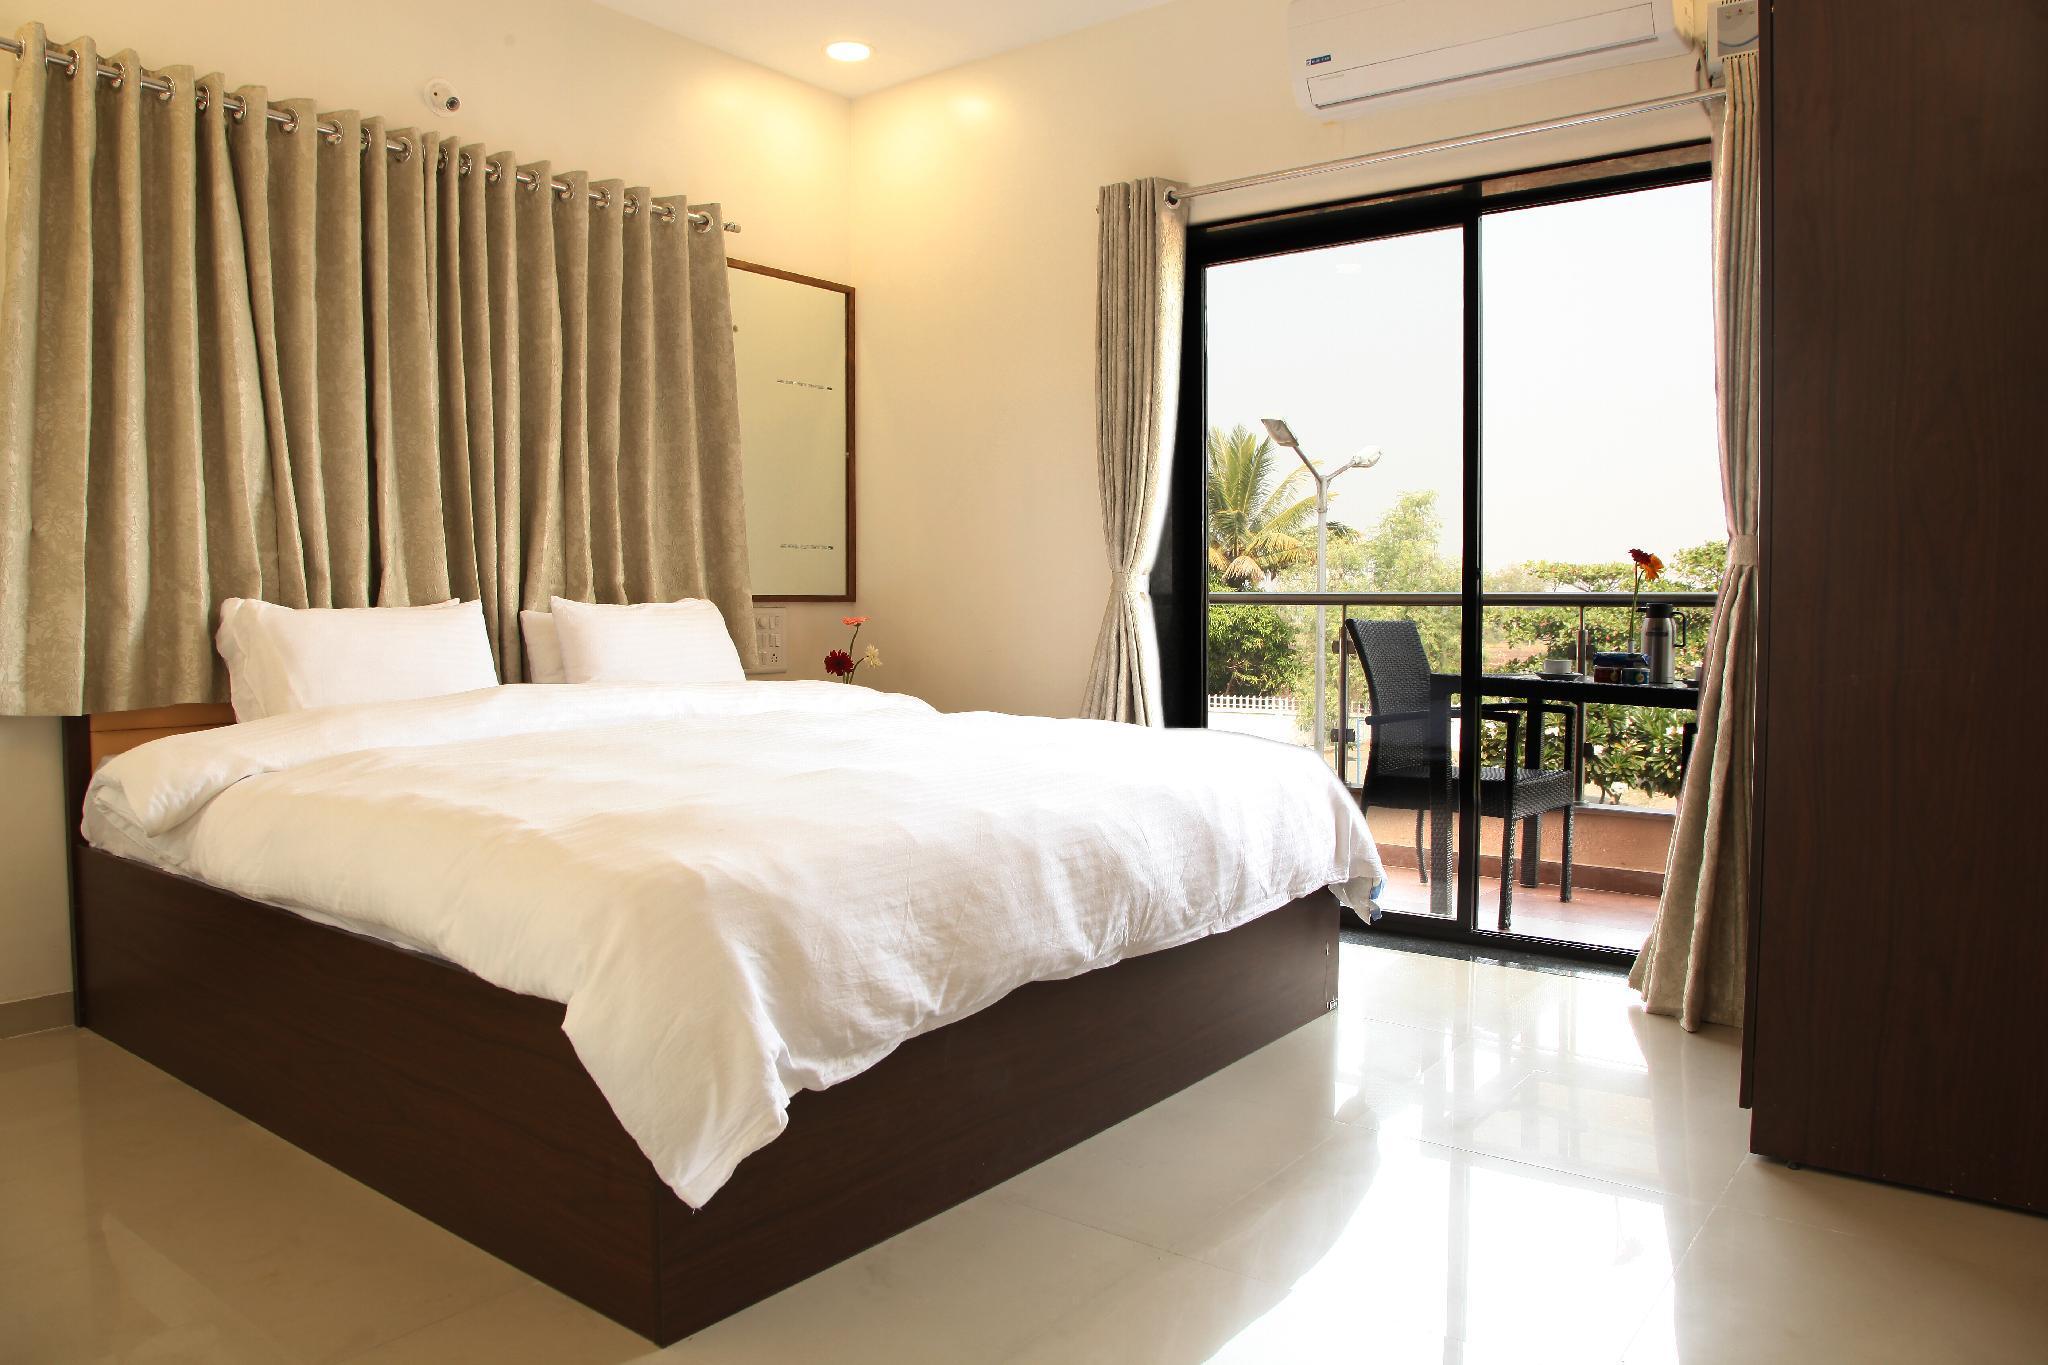 Saburi Apartments   Shirdi   2 BHK